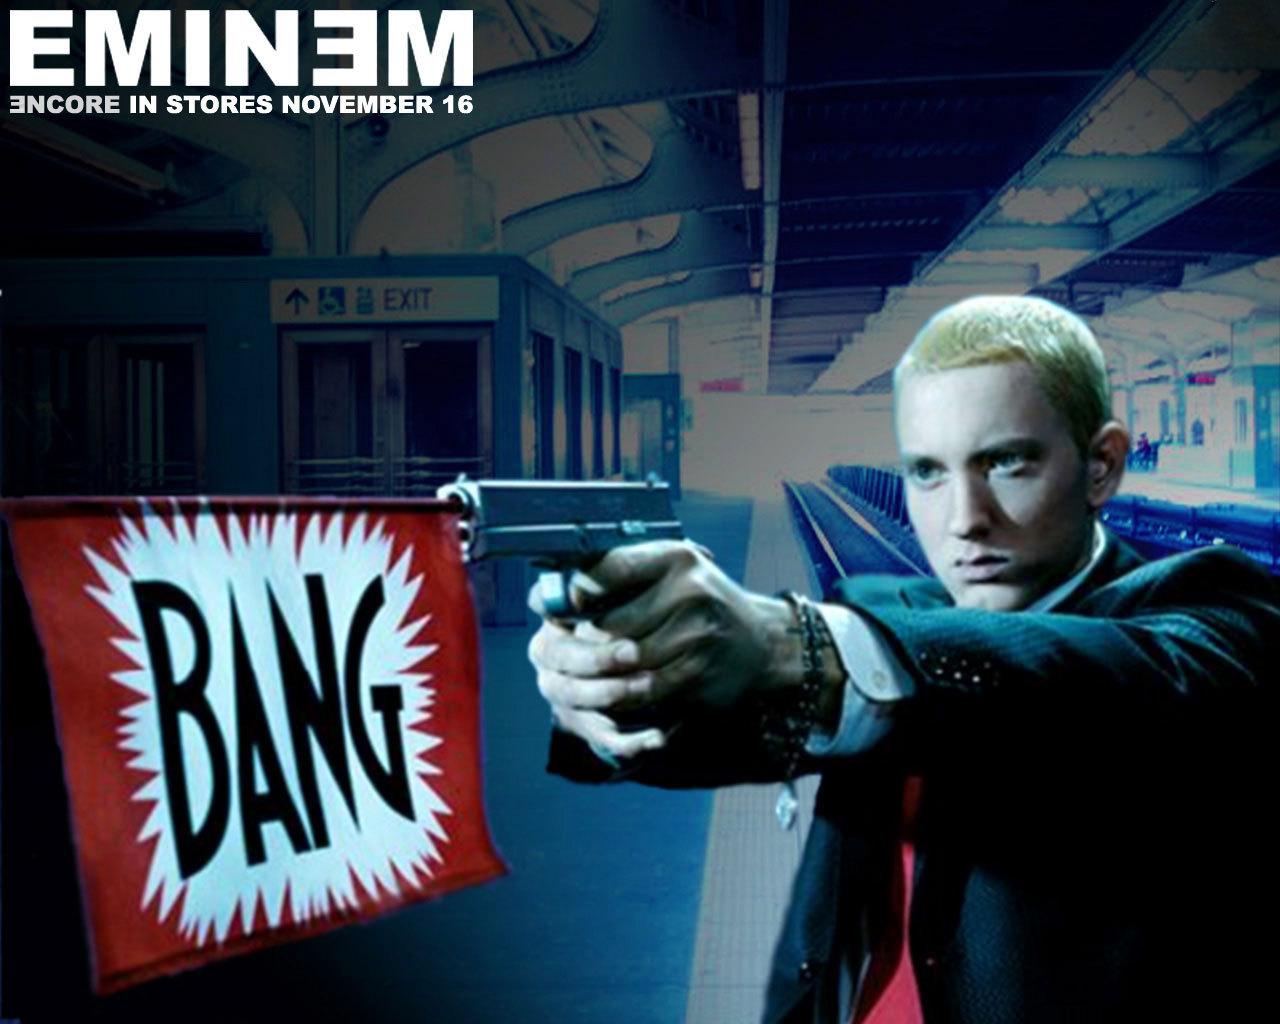 http://2.bp.blogspot.com/-UQDTRU9jIp4/UH6chASXTbI/AAAAAAAAHLM/OA7MjFufde4/s1600/Eminem-HD-Wallpapers-2012+and+2013.jpg